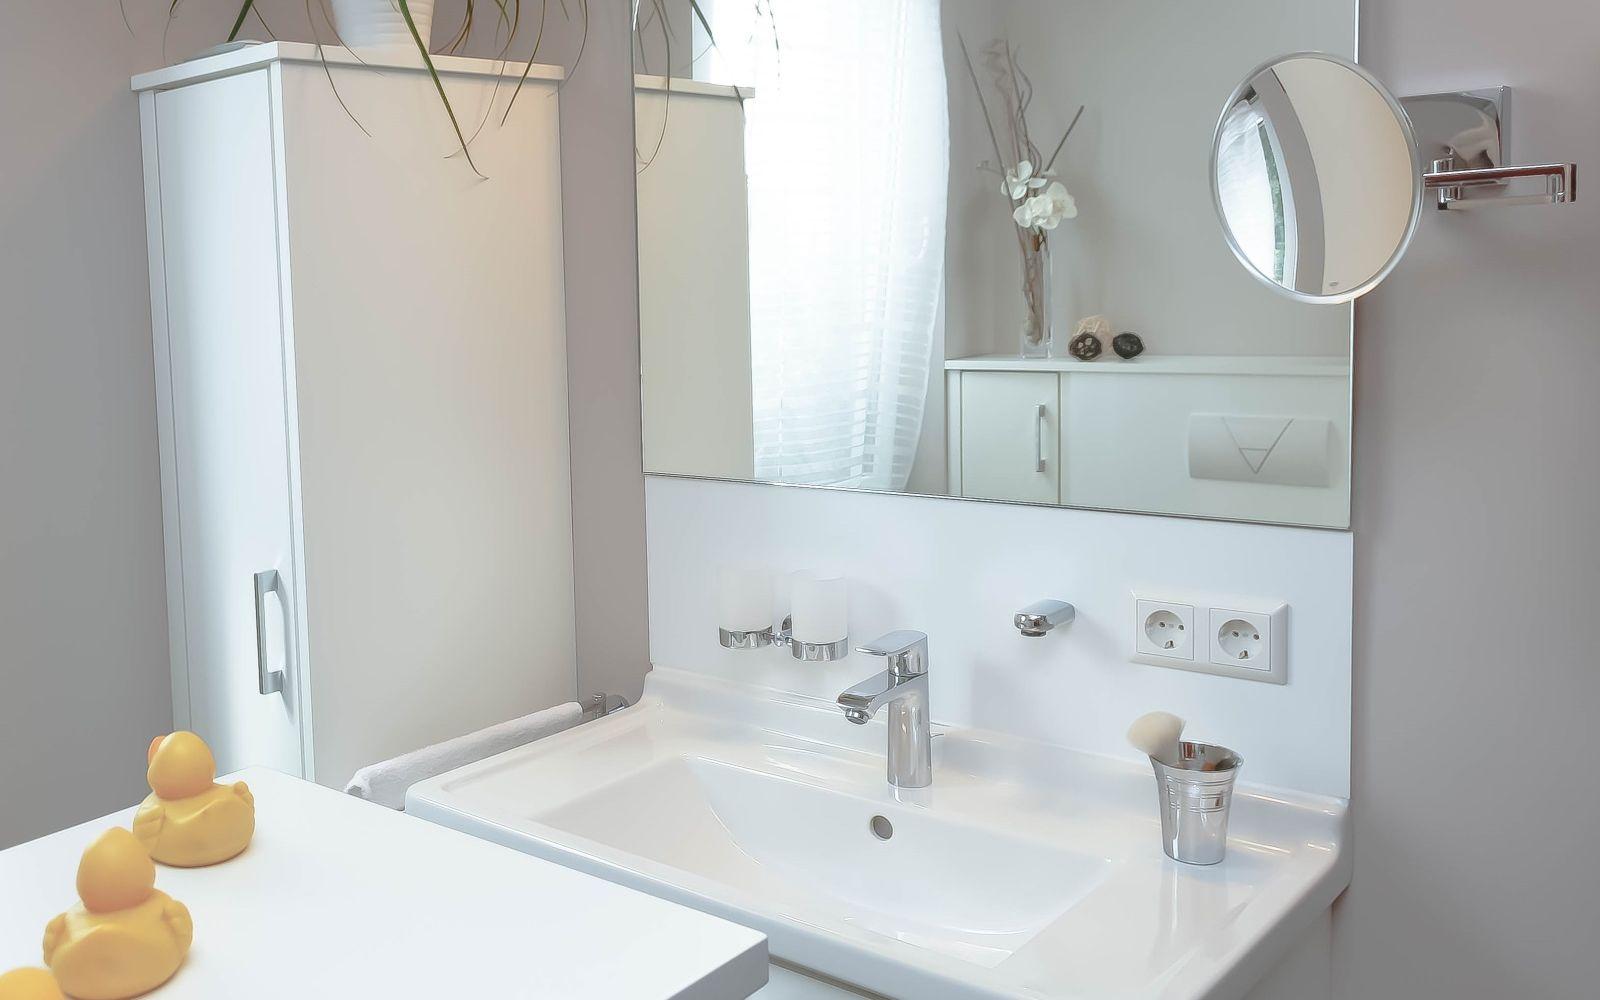 referenzen badezimmer gaeste wc rheinfelden issler grenzach wyhlen bad heizung. Black Bedroom Furniture Sets. Home Design Ideas